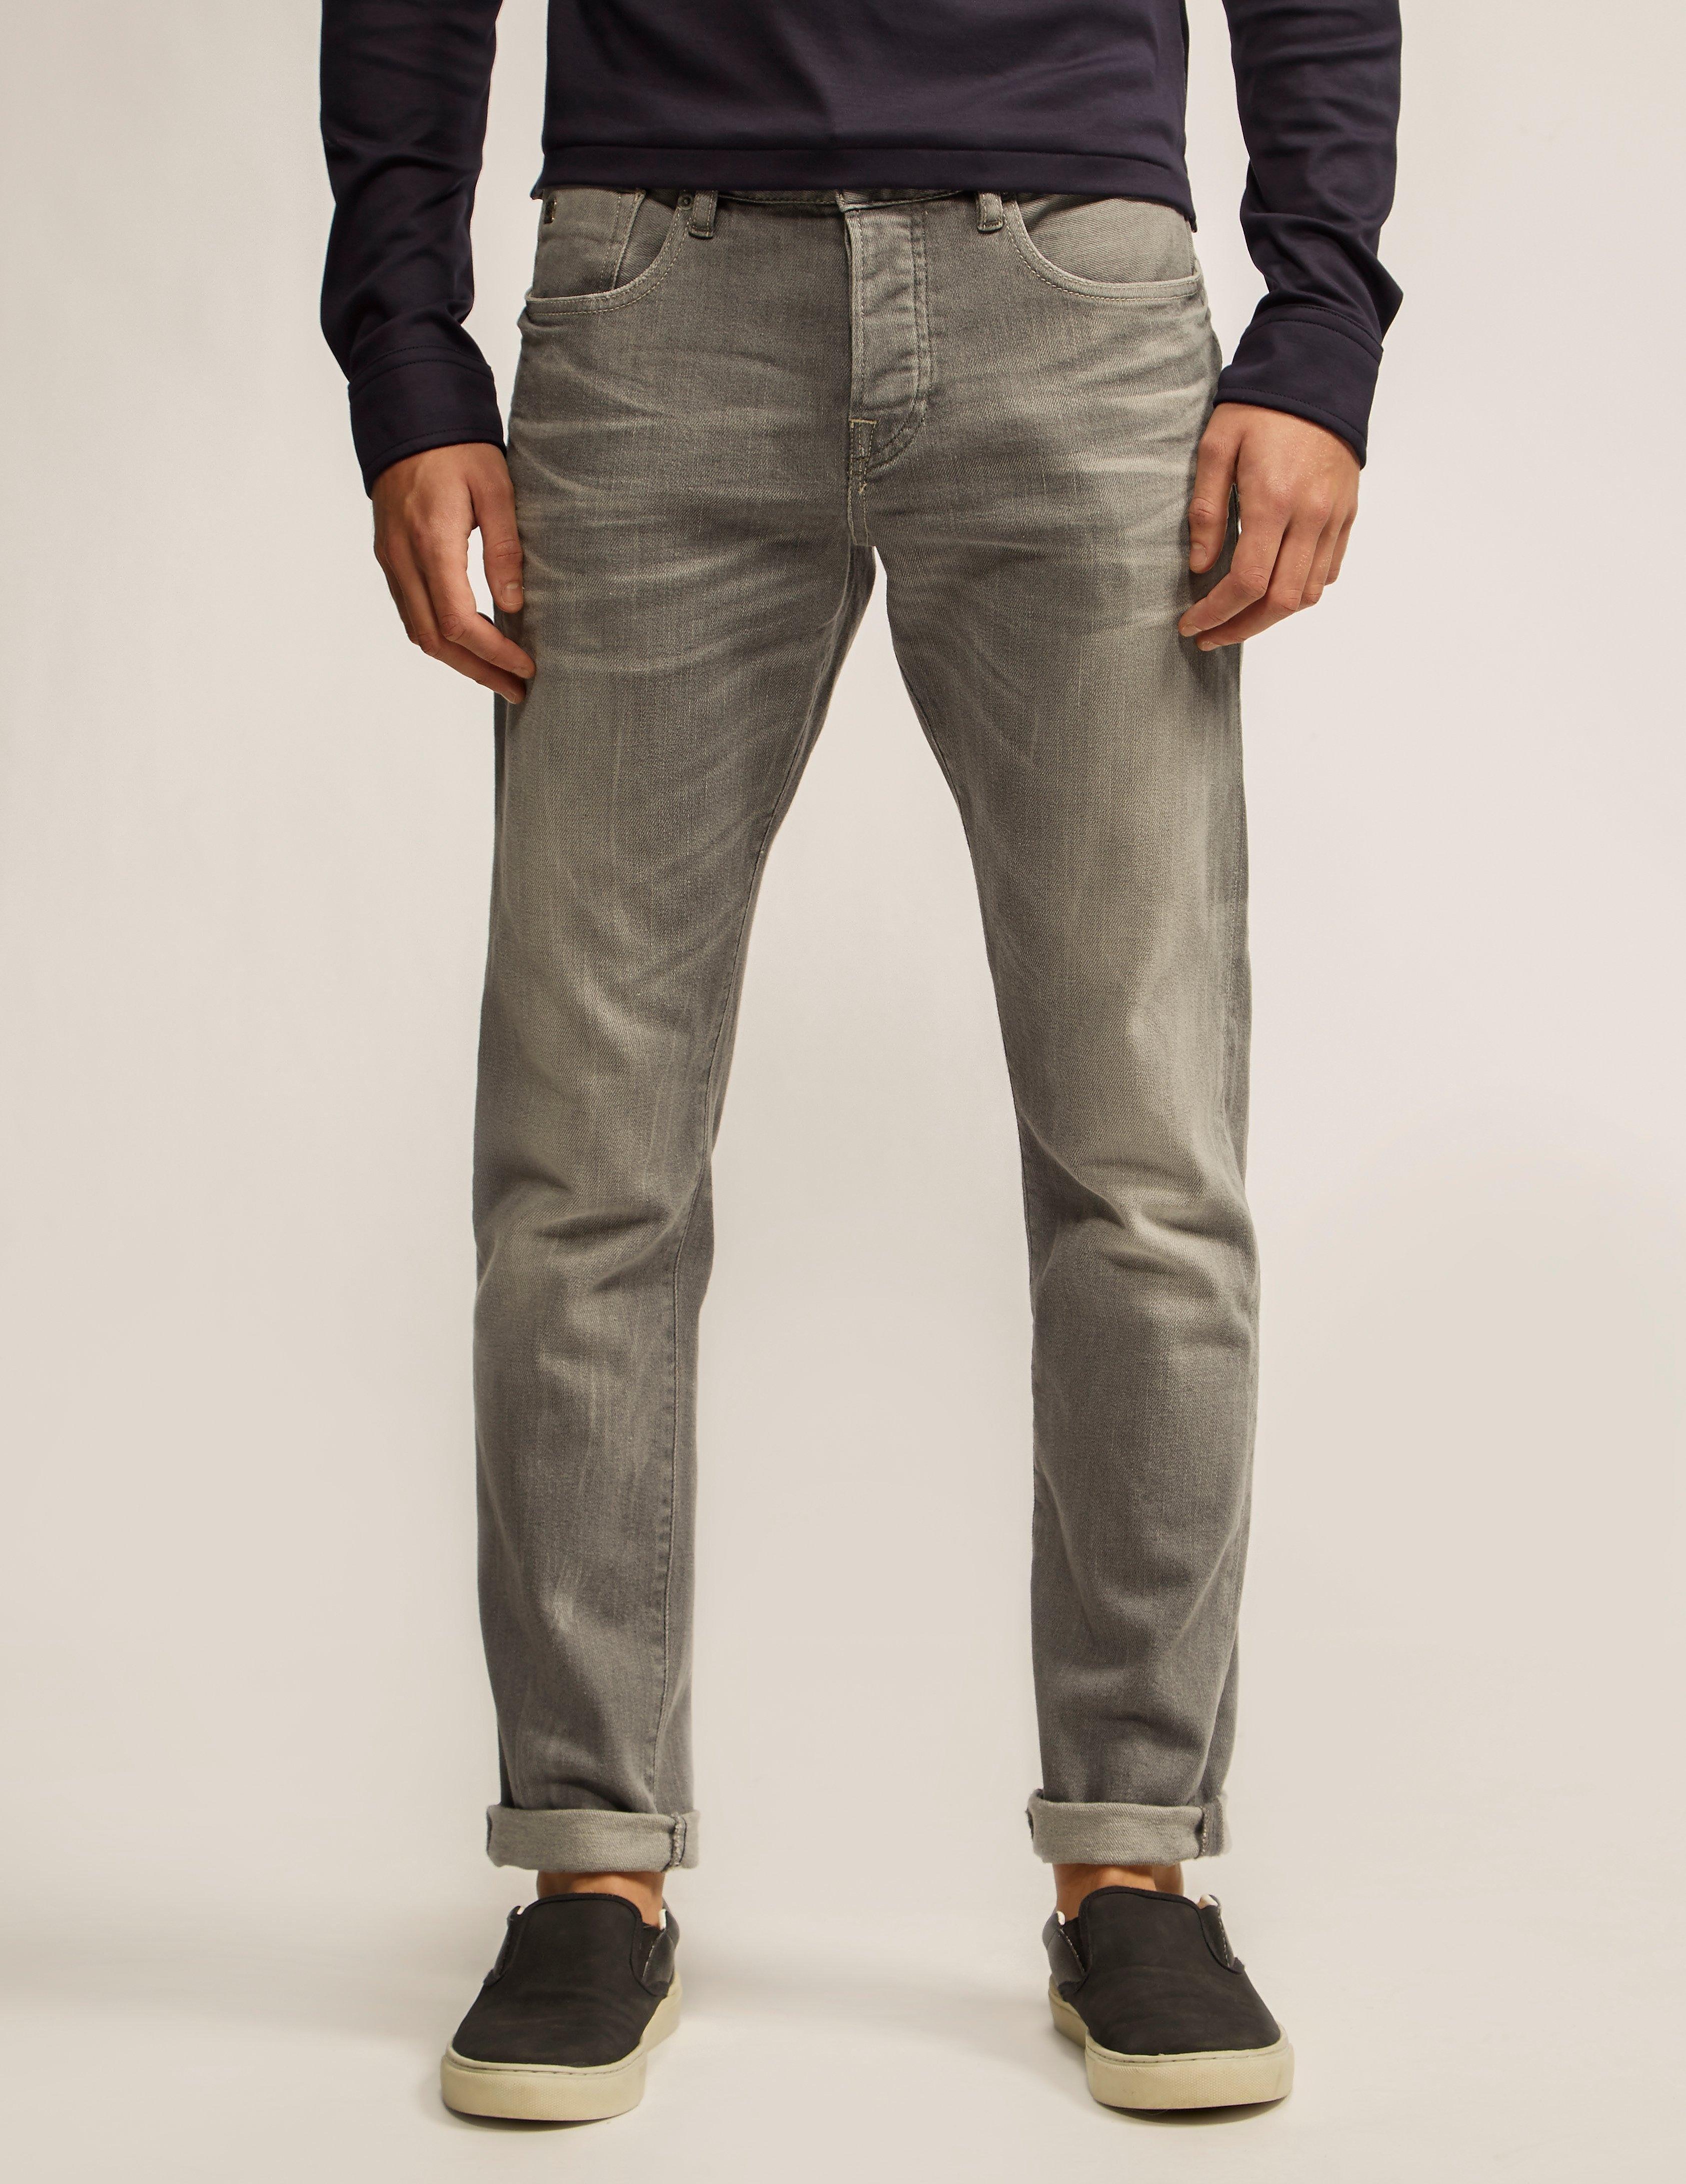 Scotch & Soda Ralston Stone & Sand Slim Fit Jeans